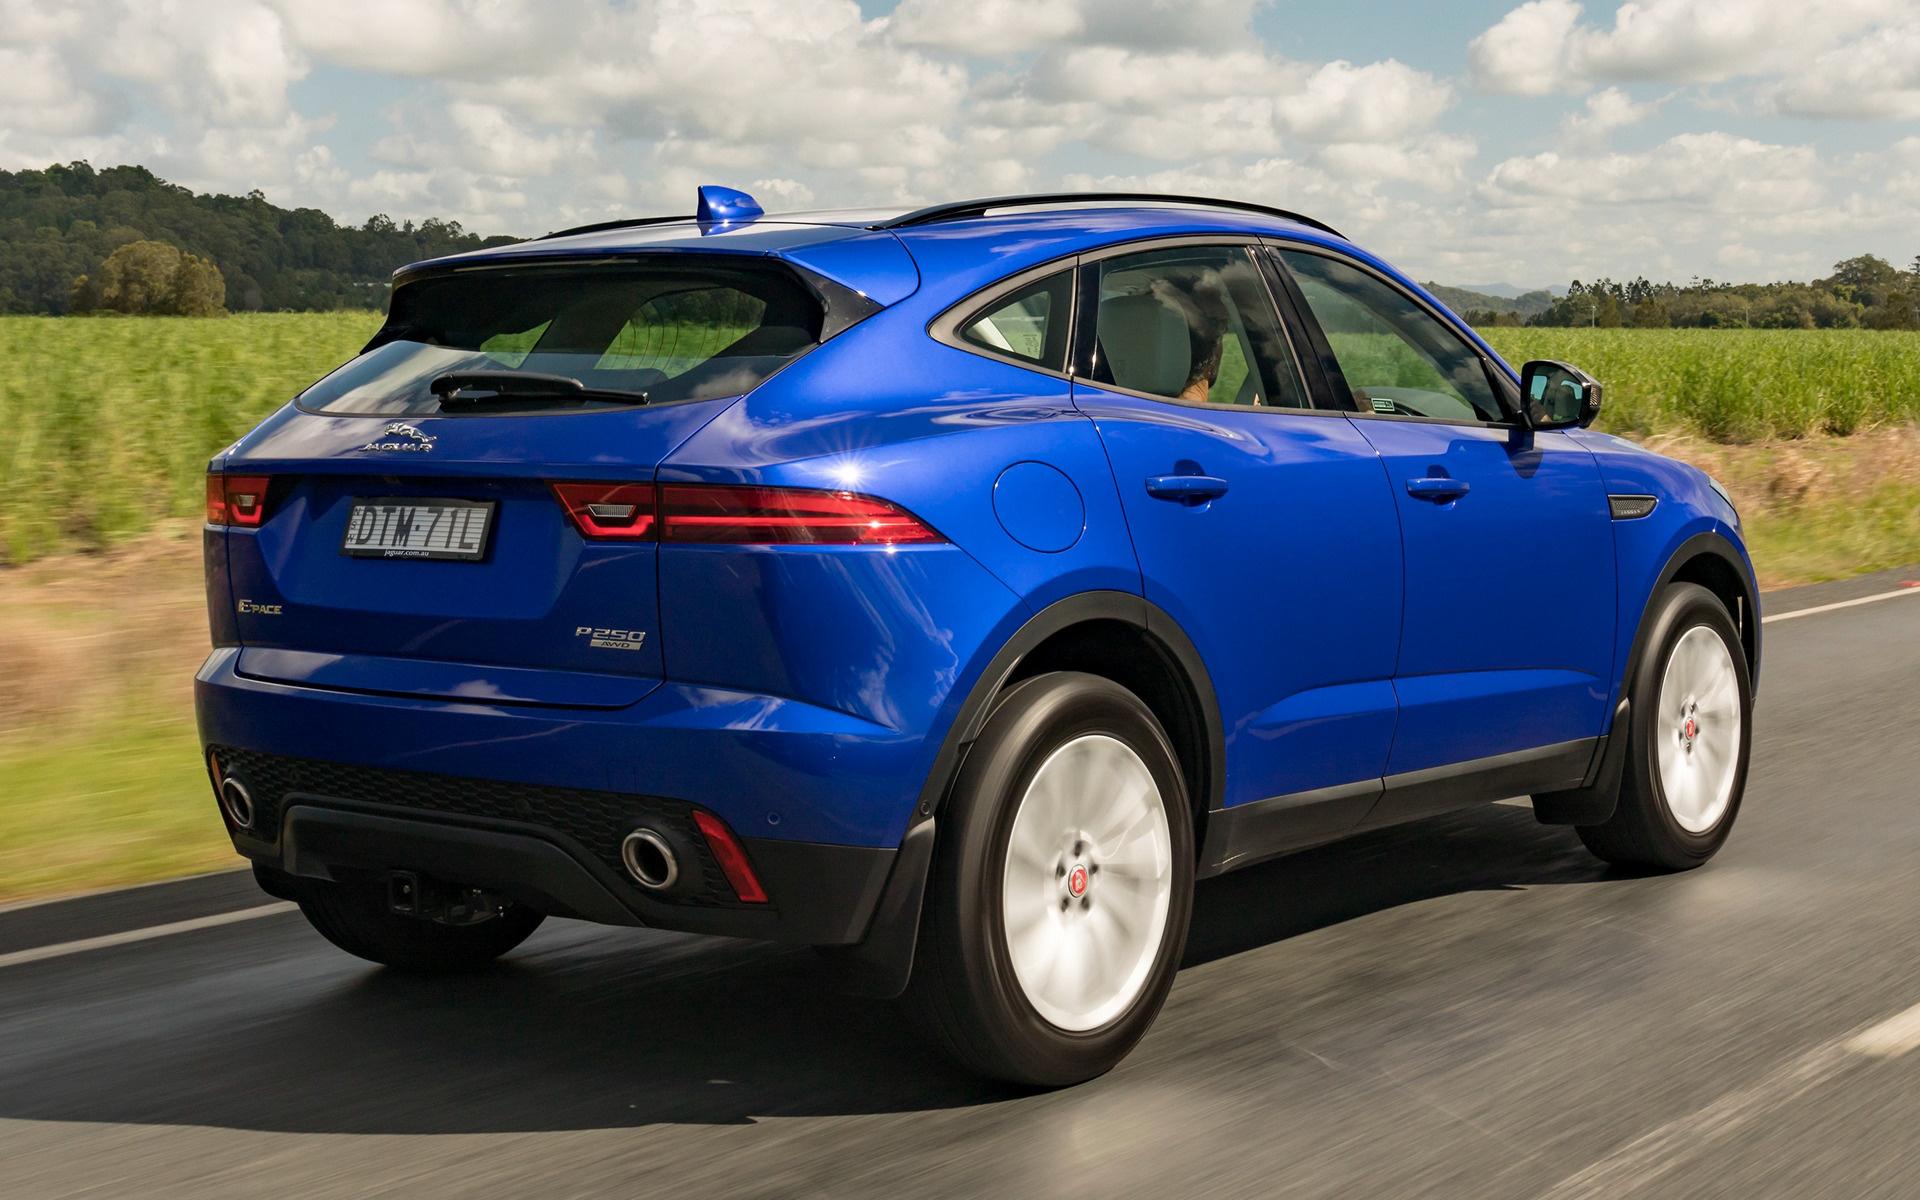 2018 Jaguar E-Pace (AU) - Wallpapers and HD Images | Car Pixel